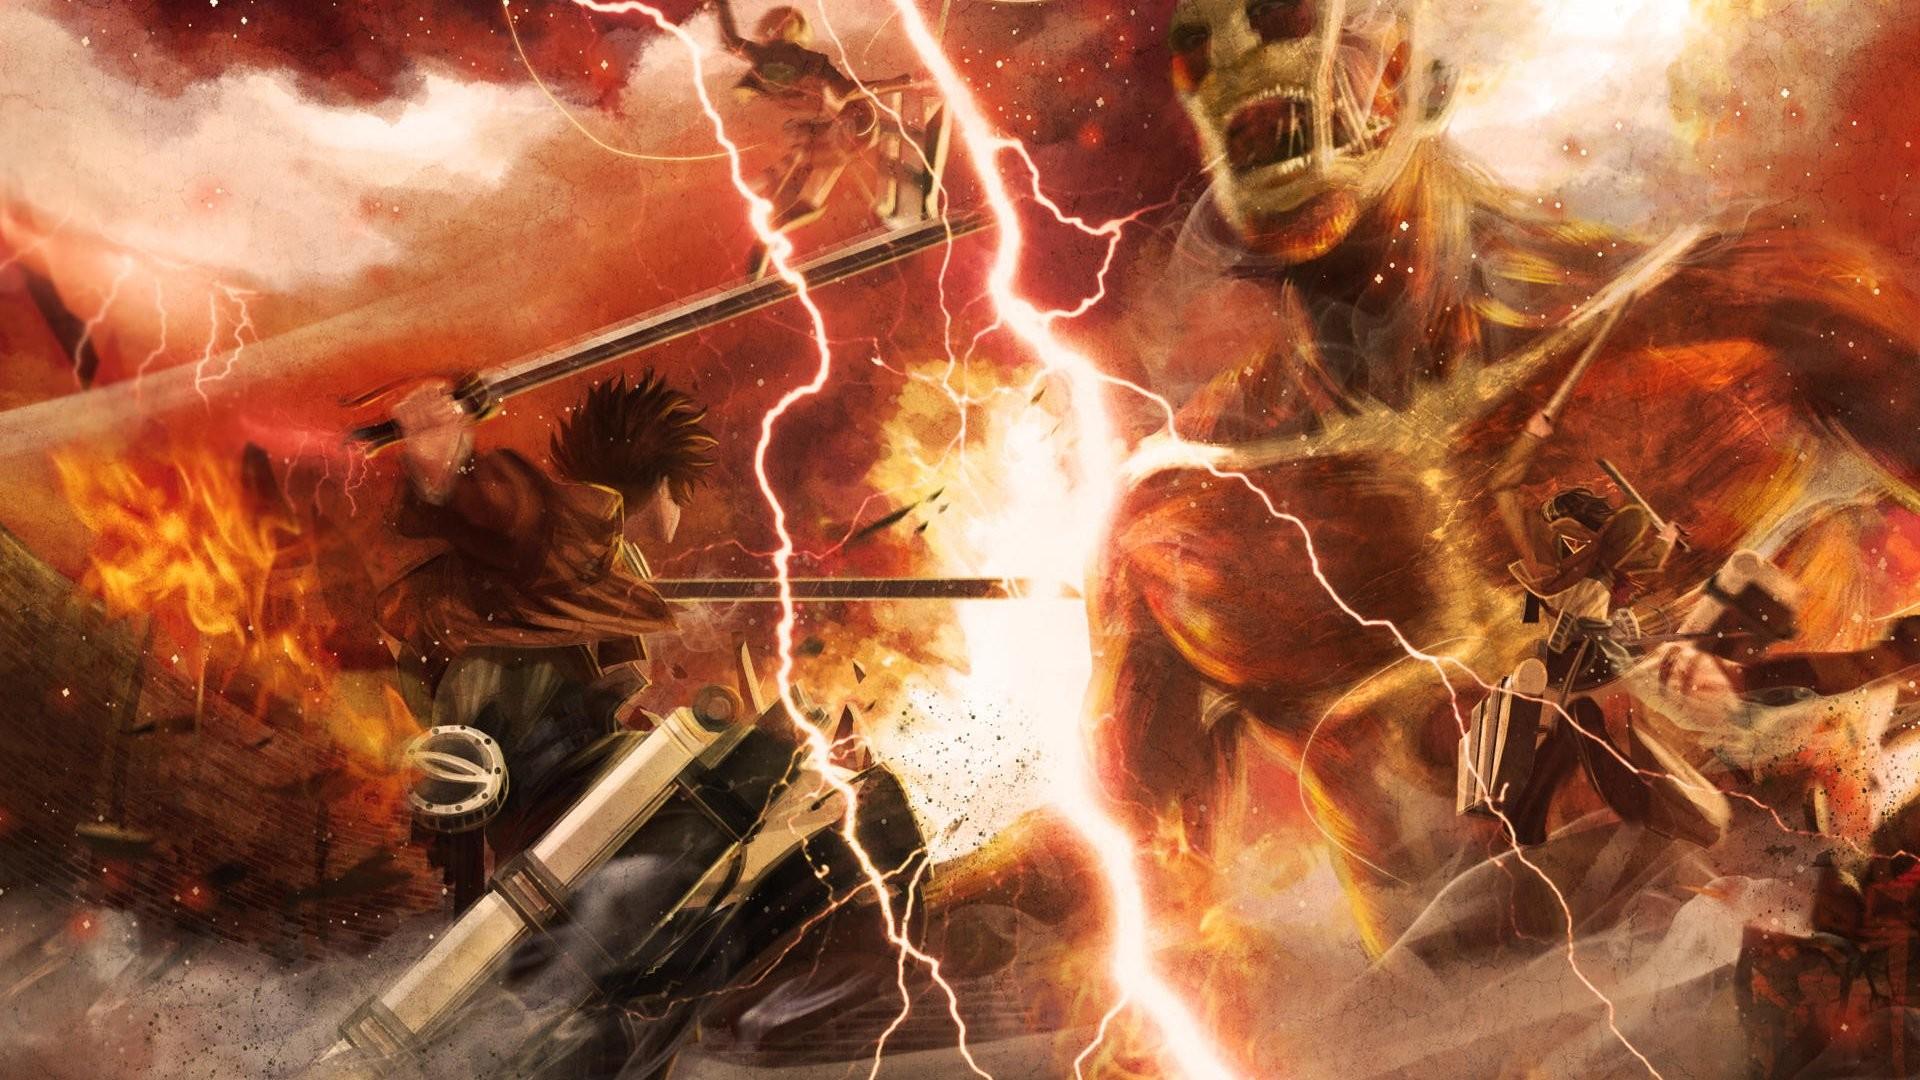 搜图屋 attack on titan wallpaper,Gd,Levi